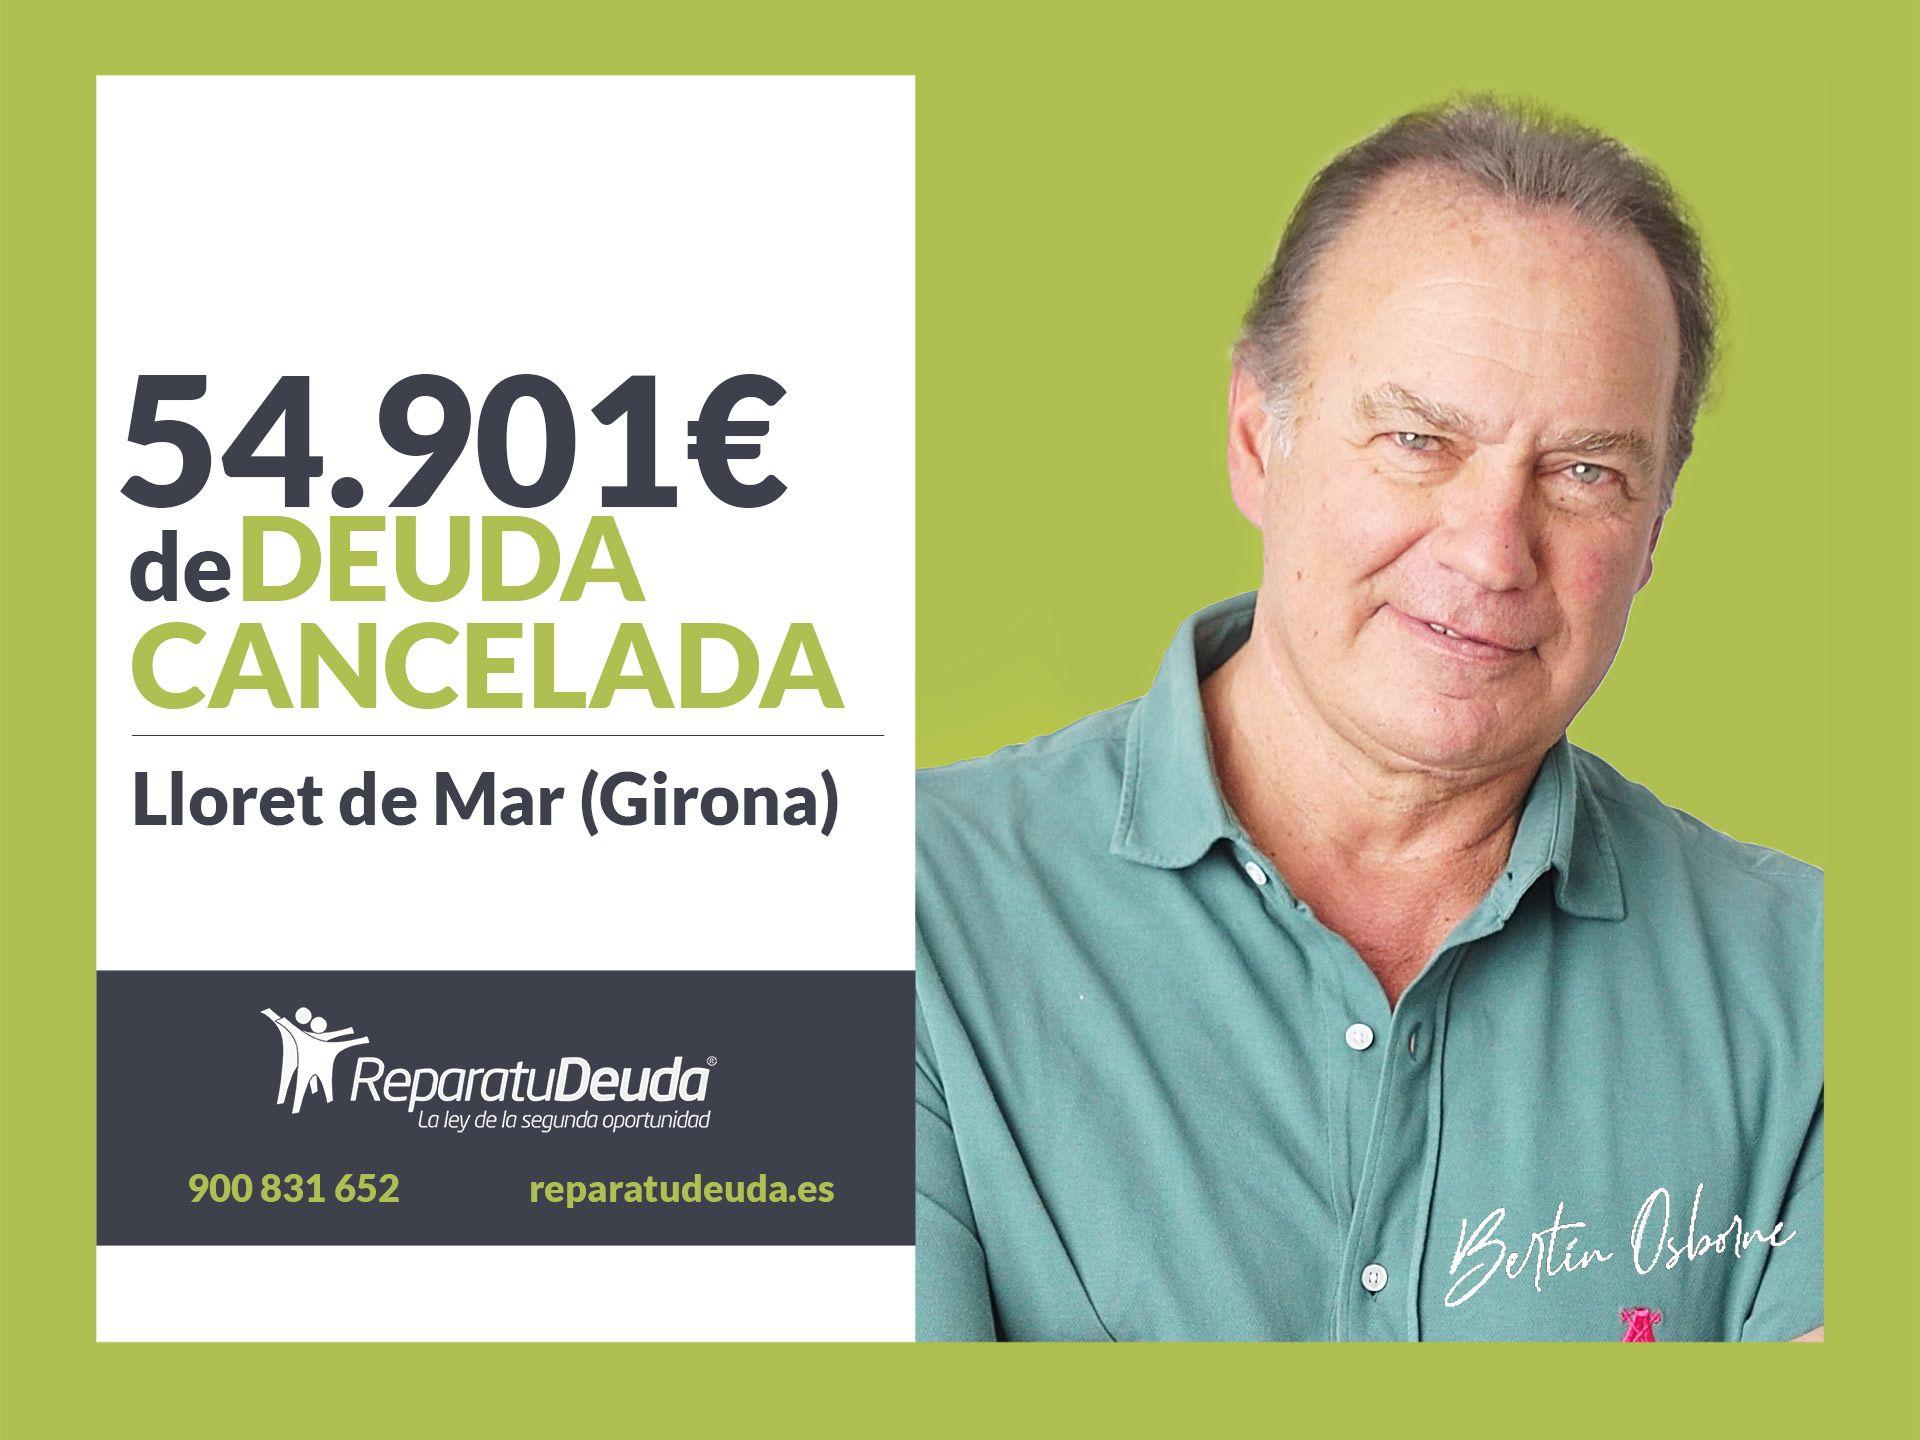 Repara tu Deuda Abogados cancela 54.901? en Lloret de Mar (Girona) con la Ley de la Segunda Oportunidad